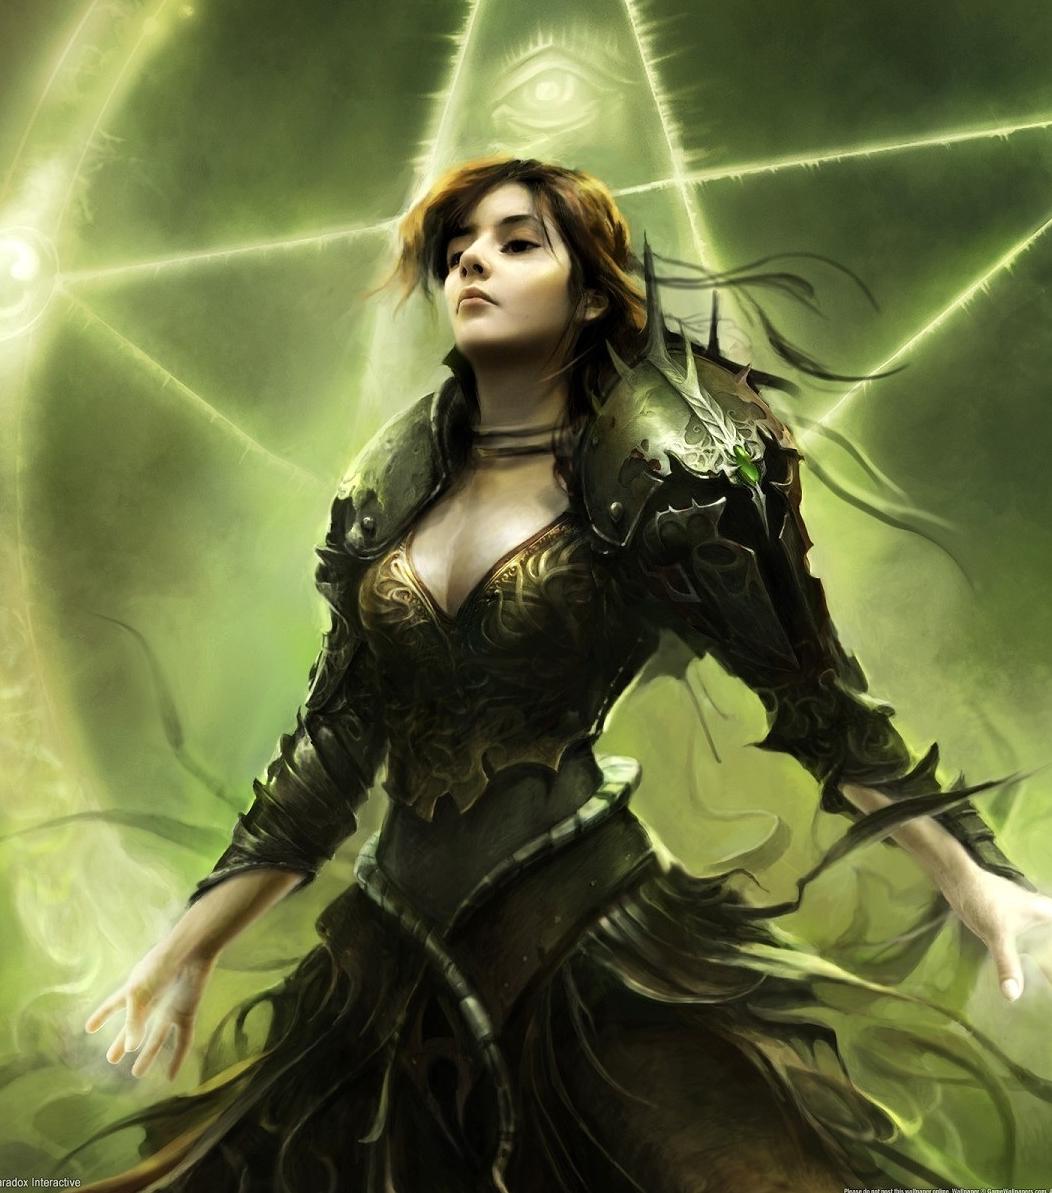 Powerful witch